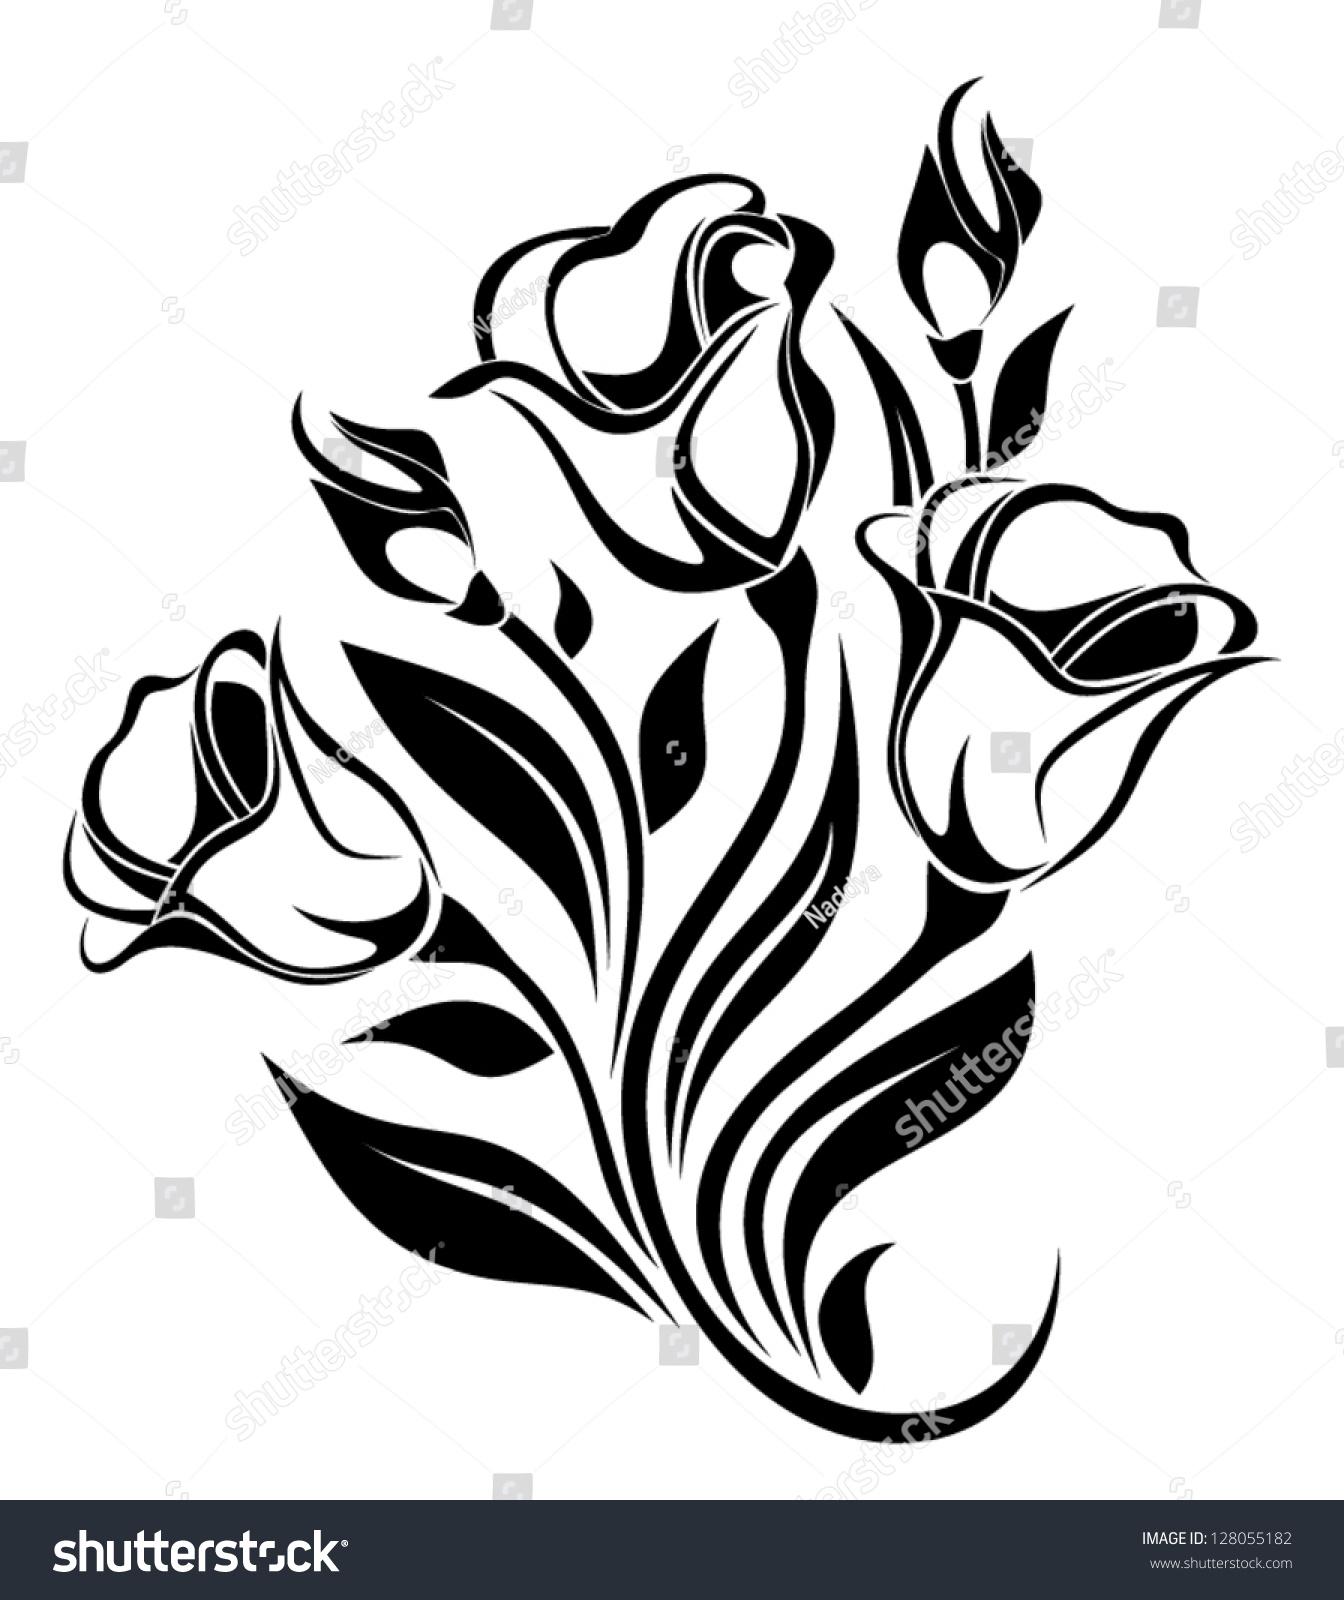 花朵点缀的黑色剪影.矢量插图.-自然,复古风格-海洛()